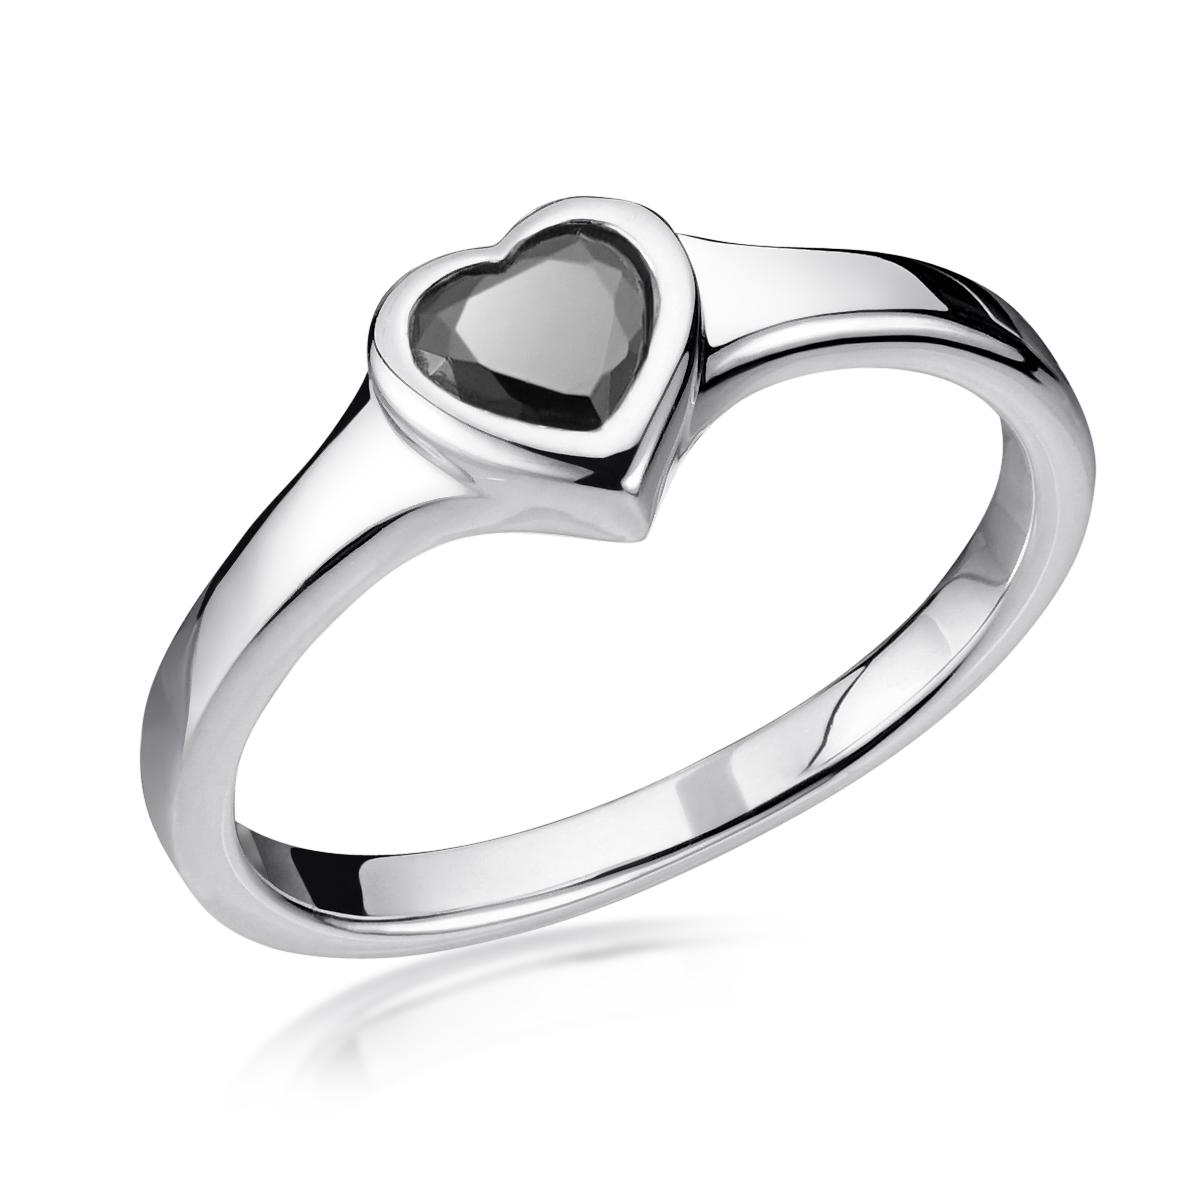 MATERIA Damenring Silber 925 schwarz mit Zirkonia Herz 16-20mm